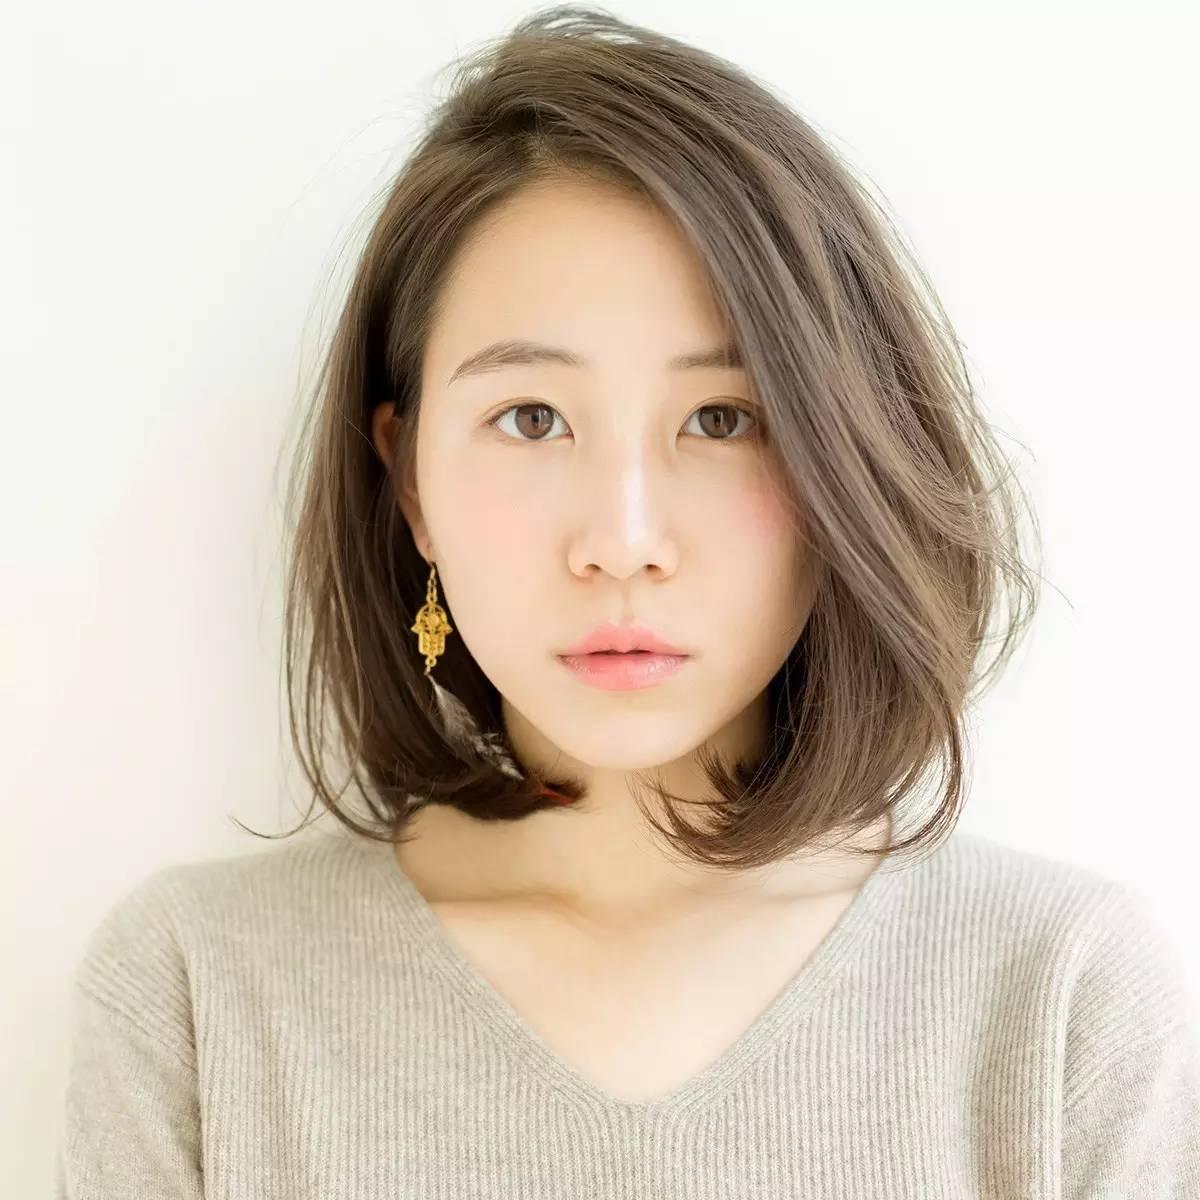 2017最IN日系儿童趋势,据说漂亮的短发都收藏图片女孩烫头发发型图片